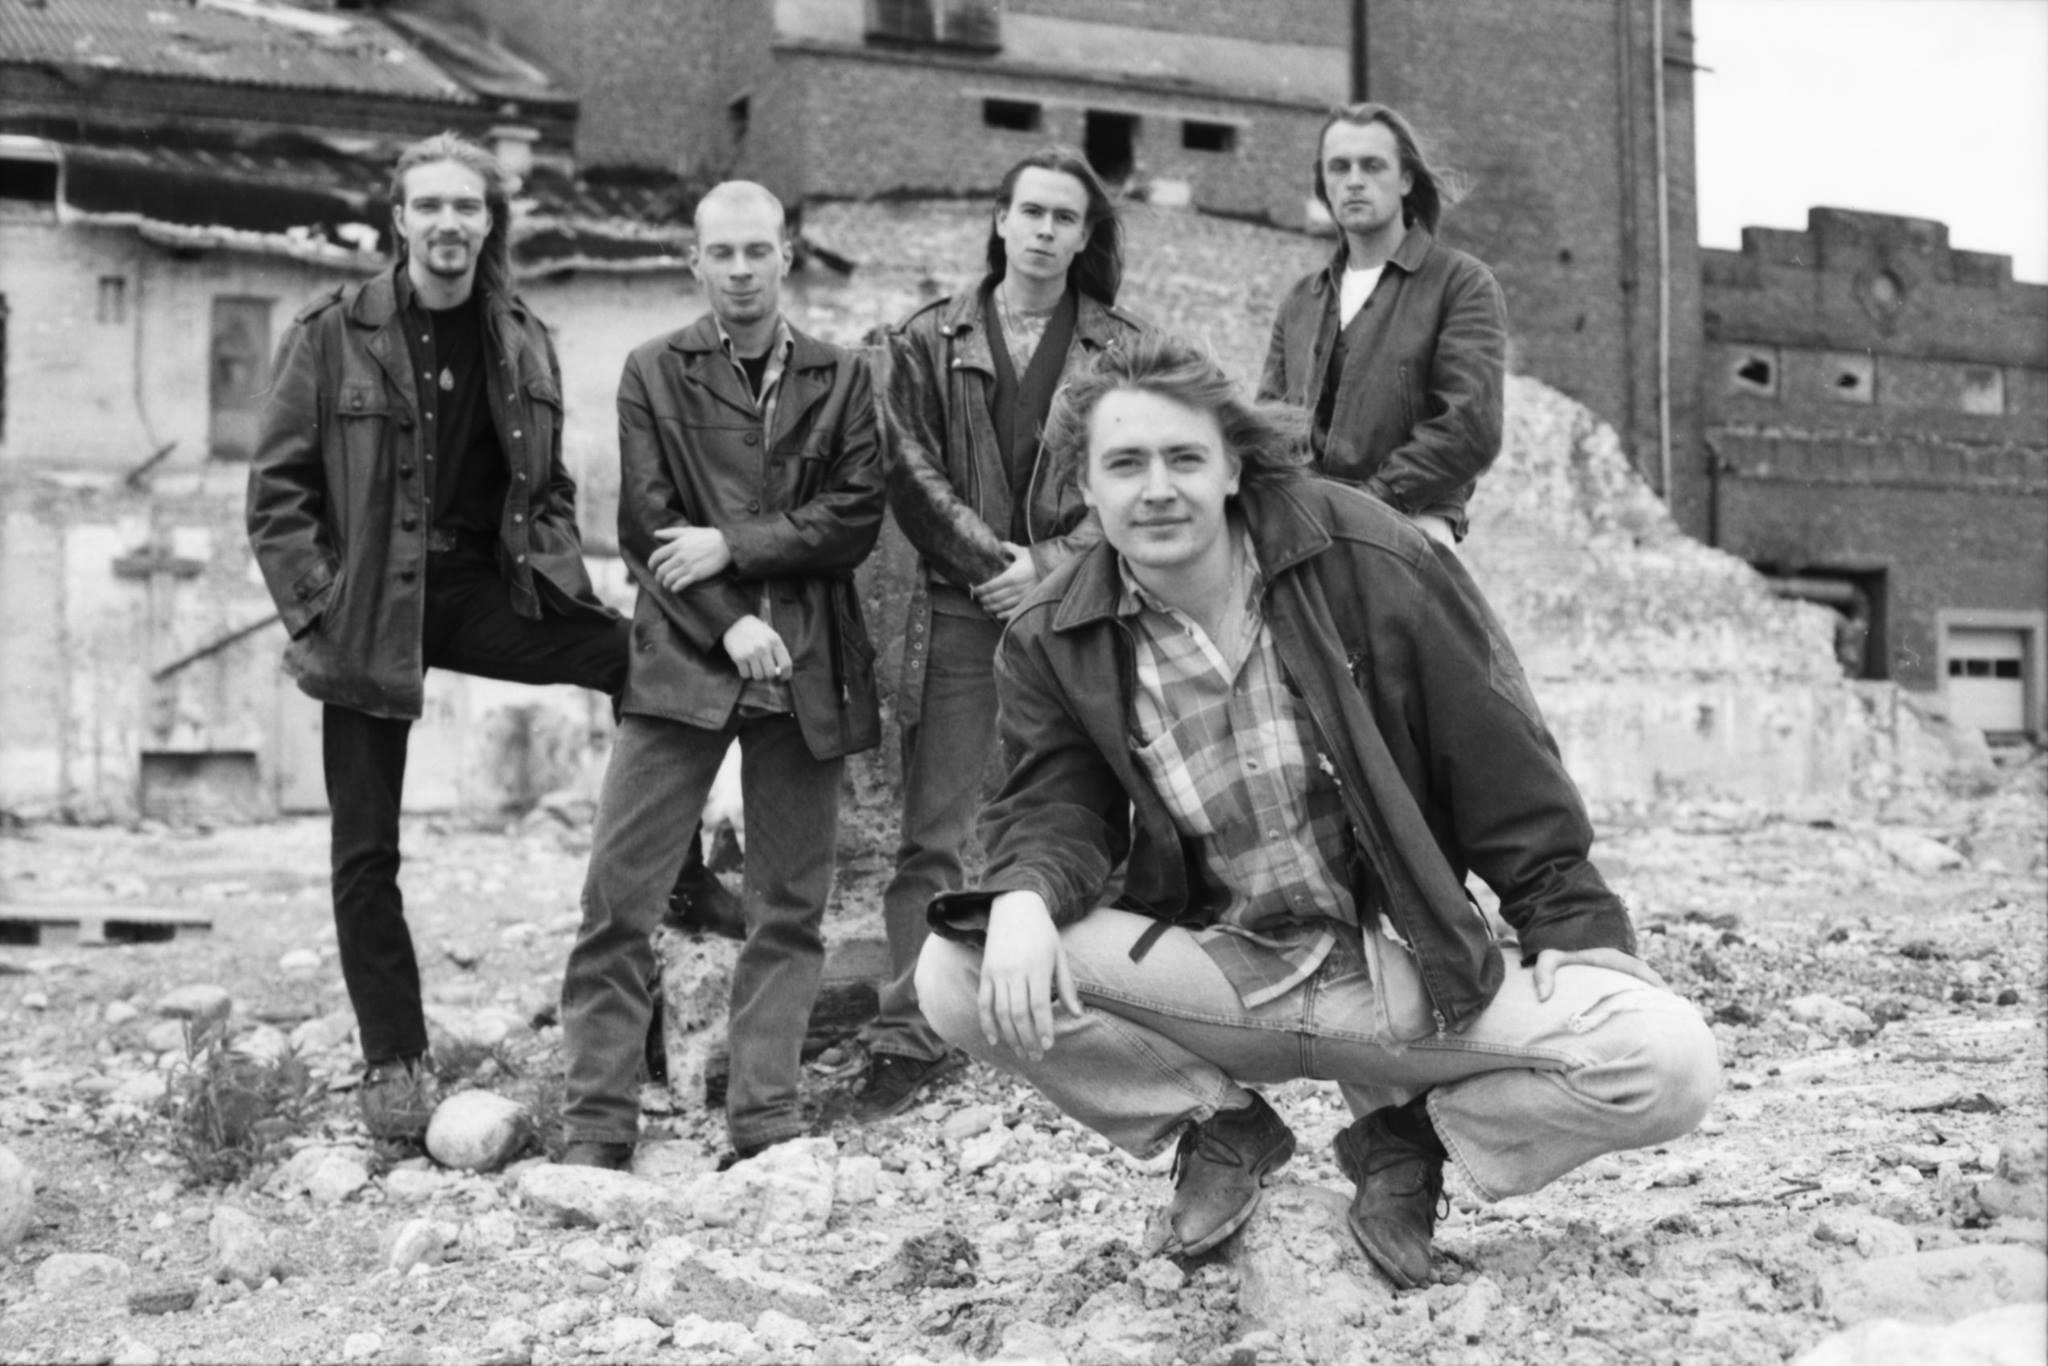 Kimmo Härmä mit seiner Band in den 90er Jahren